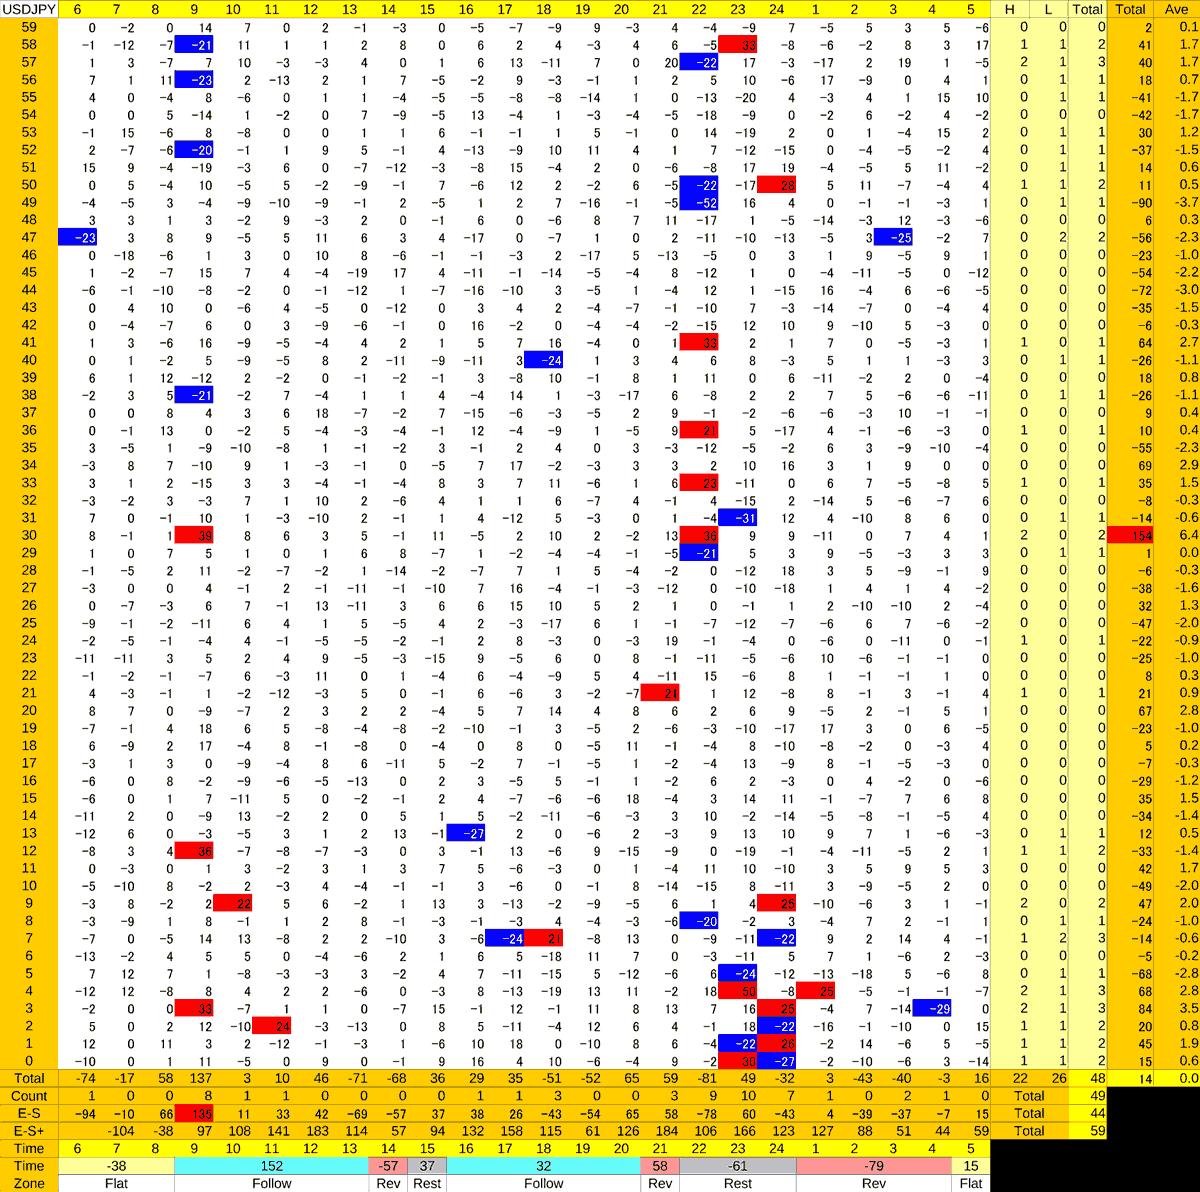 20210128_HS(1)USDJPY